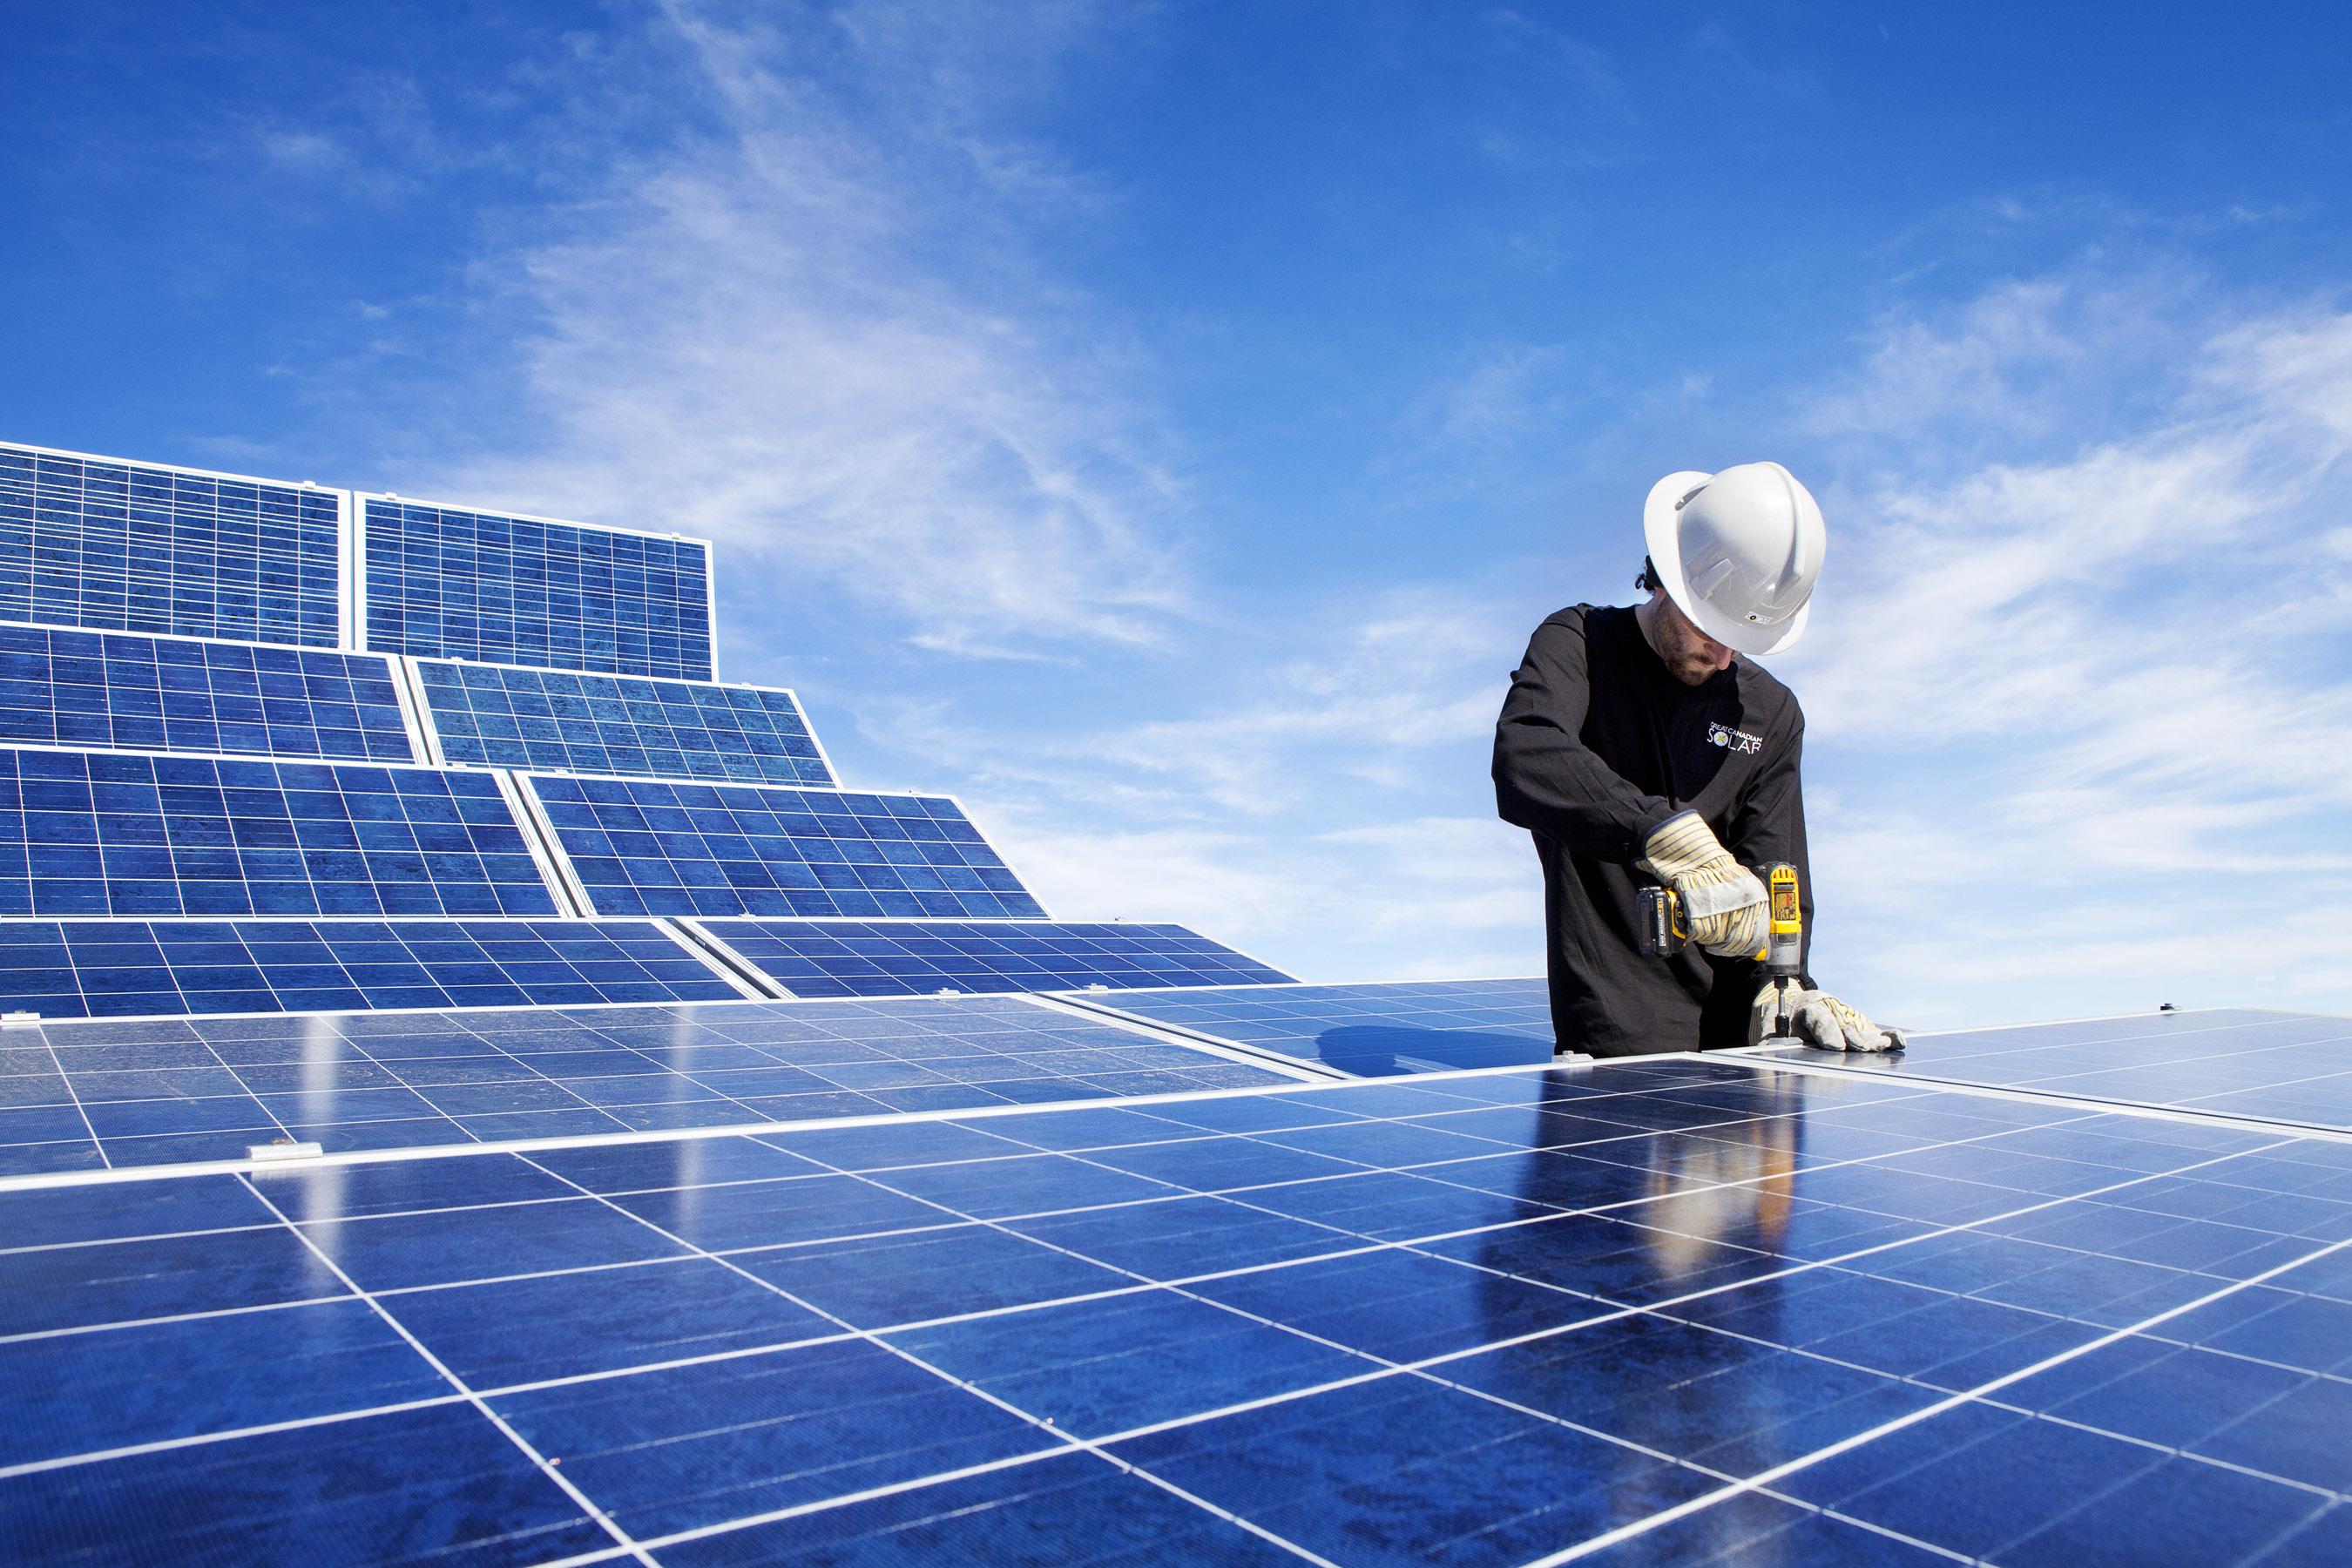 PC Quảng Ninh lắp đặt 15 bộ pin năng lượng mặt trời ở đảo Trần